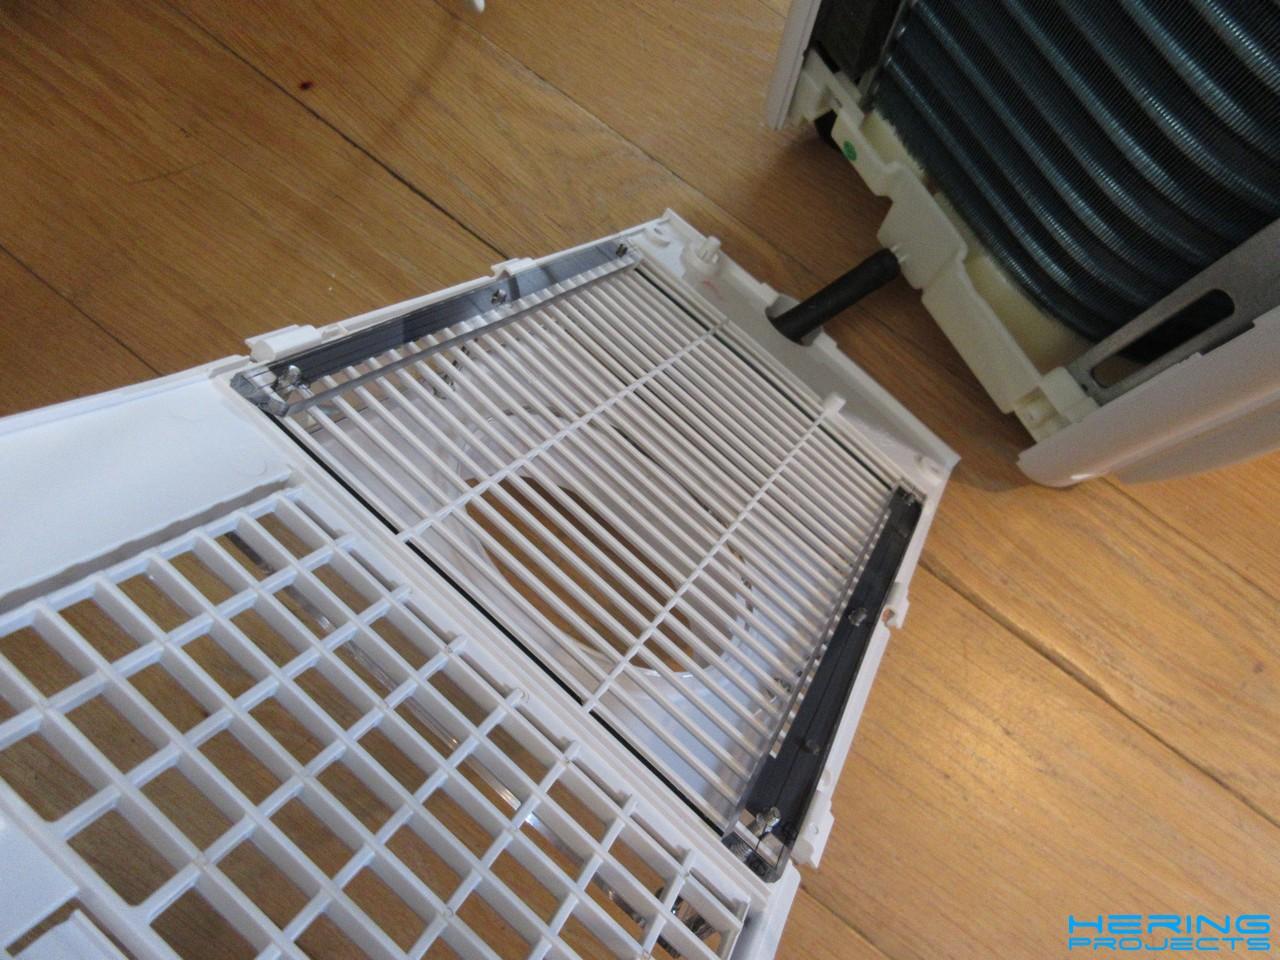 Gegenhalter für die Adapterbox an der Klimaanlage